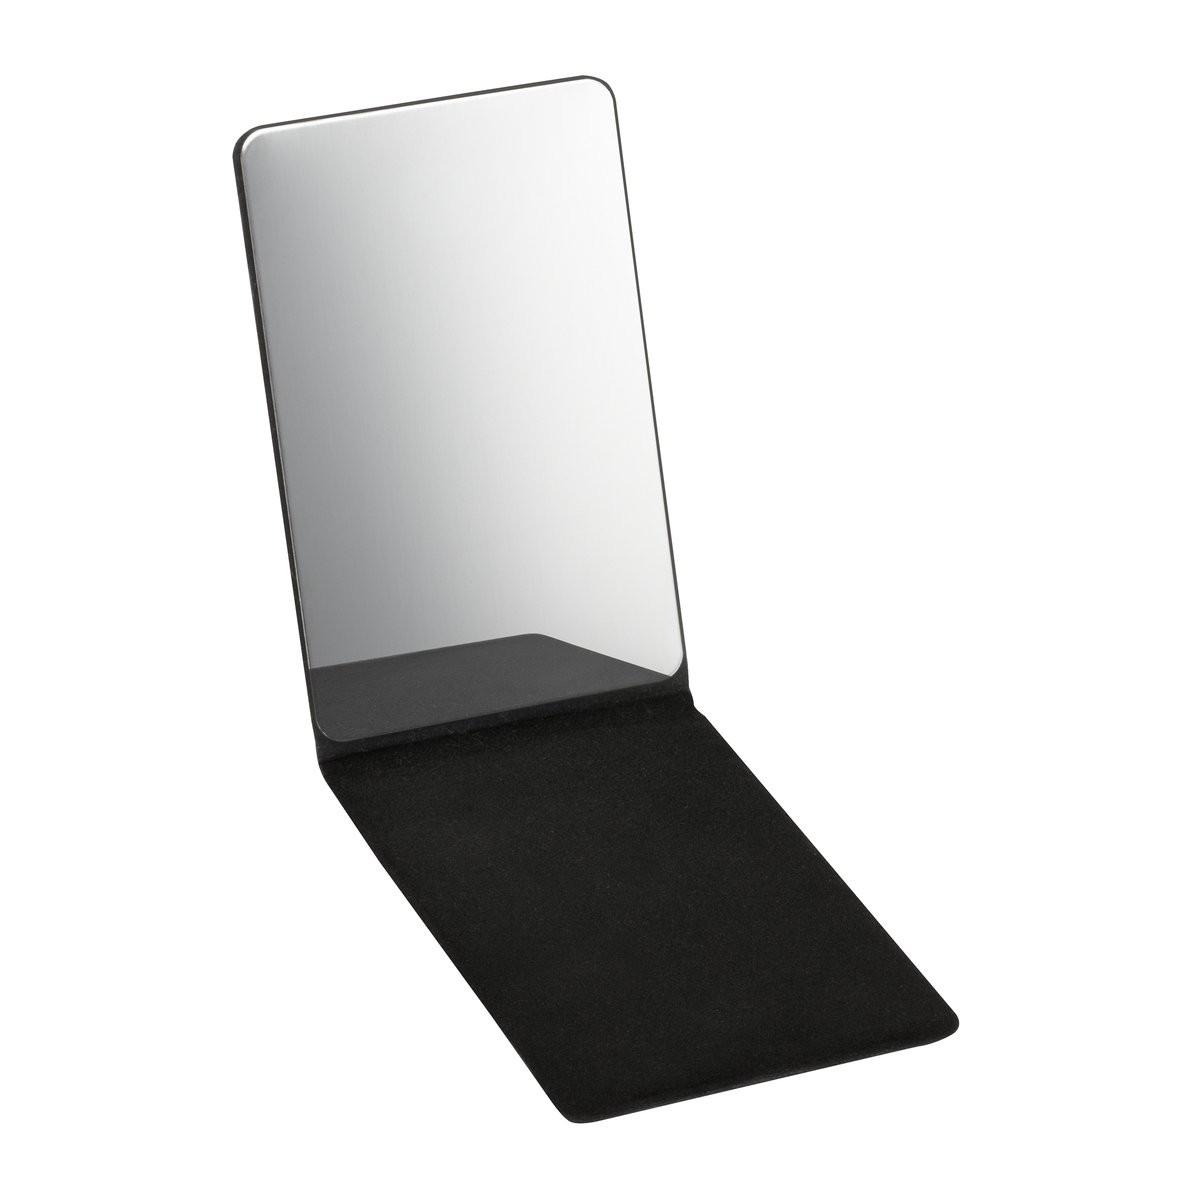 Taschenspiegel REFLECTS-HARBEL BLACK, Ansicht 4